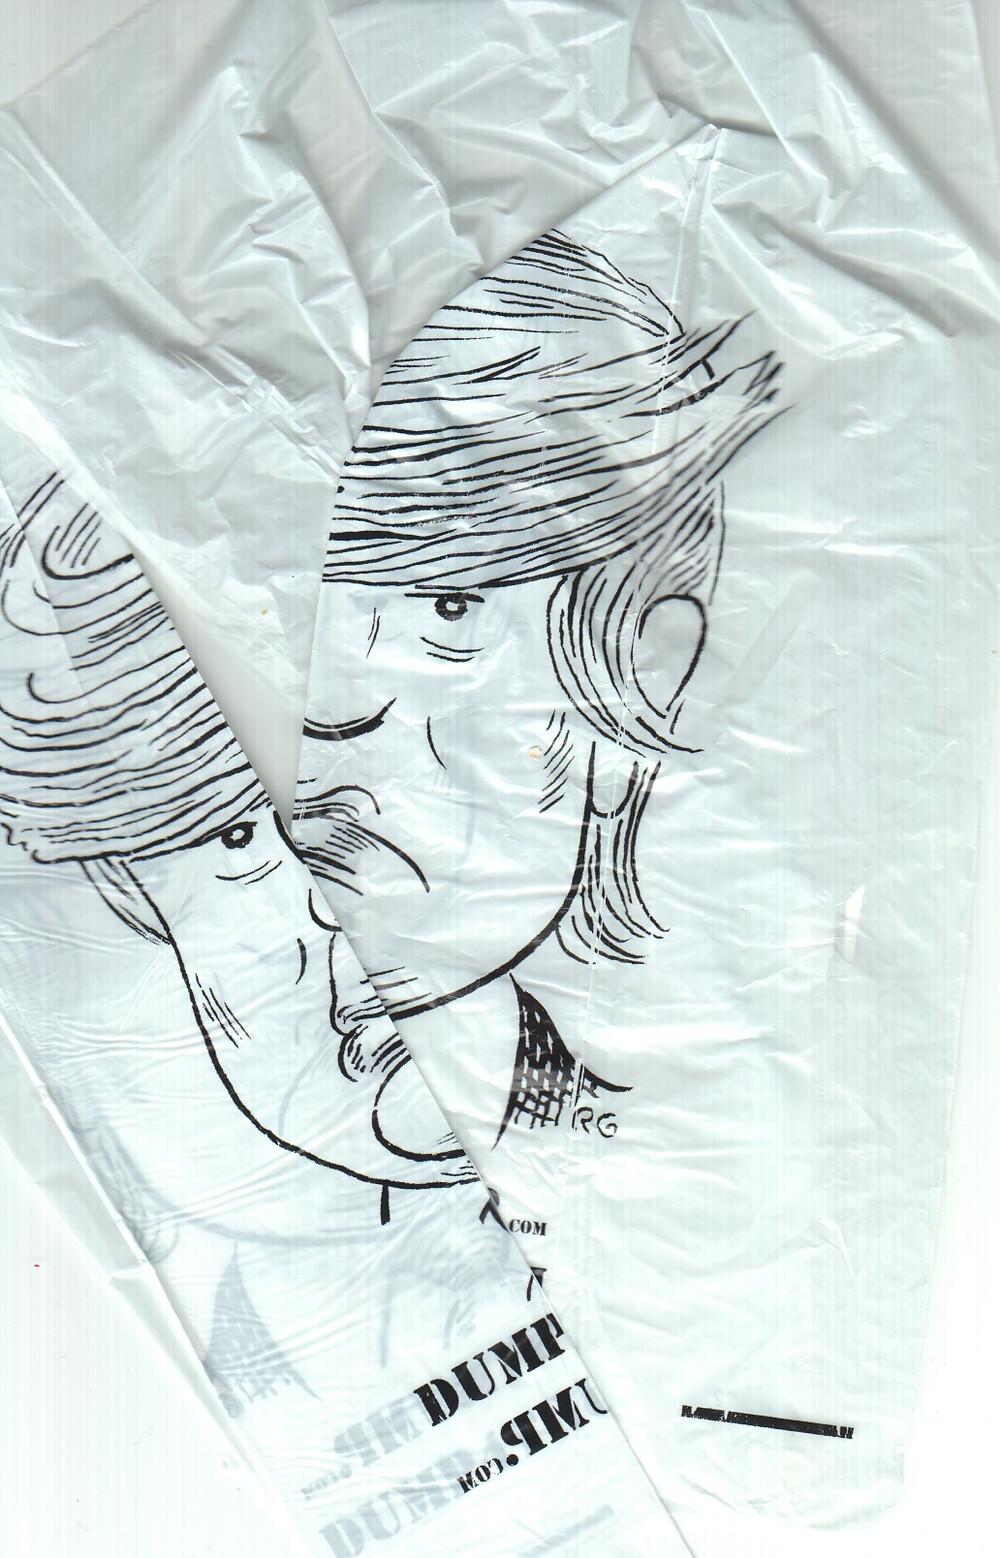 trump's bag